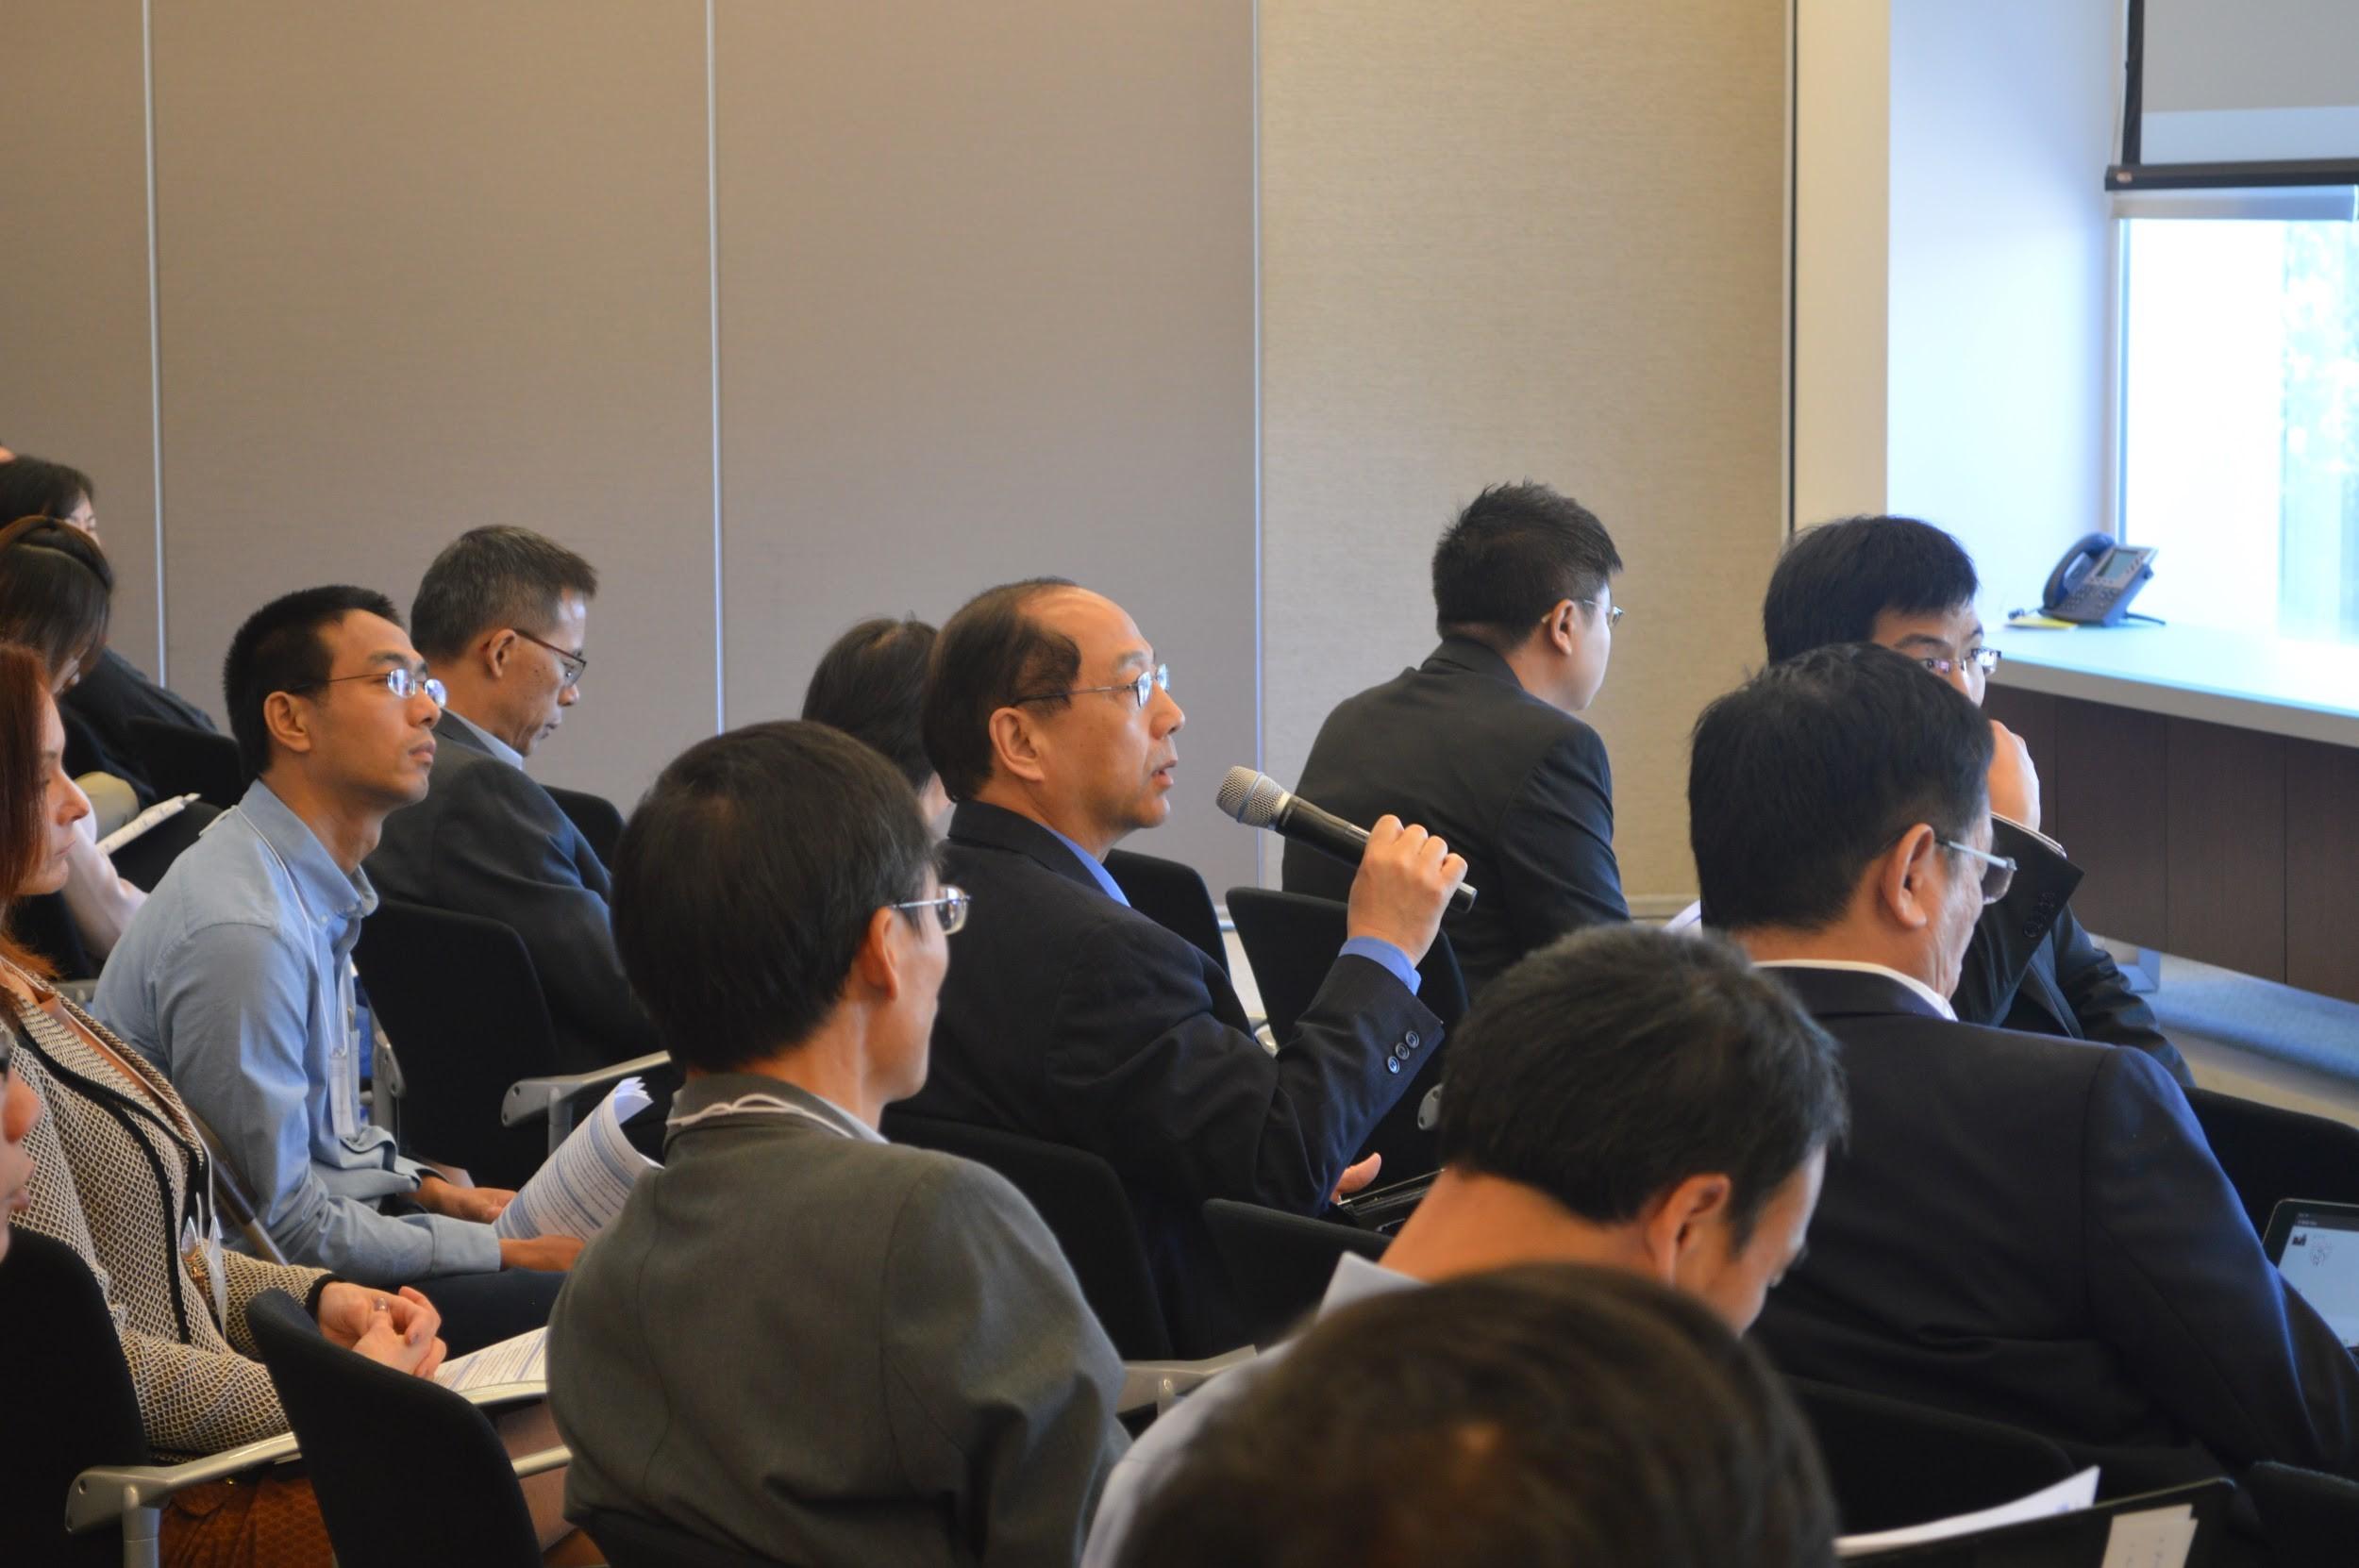 分组讨论中嘉宾回答现场观众提问(摄影:Tiange Cui)